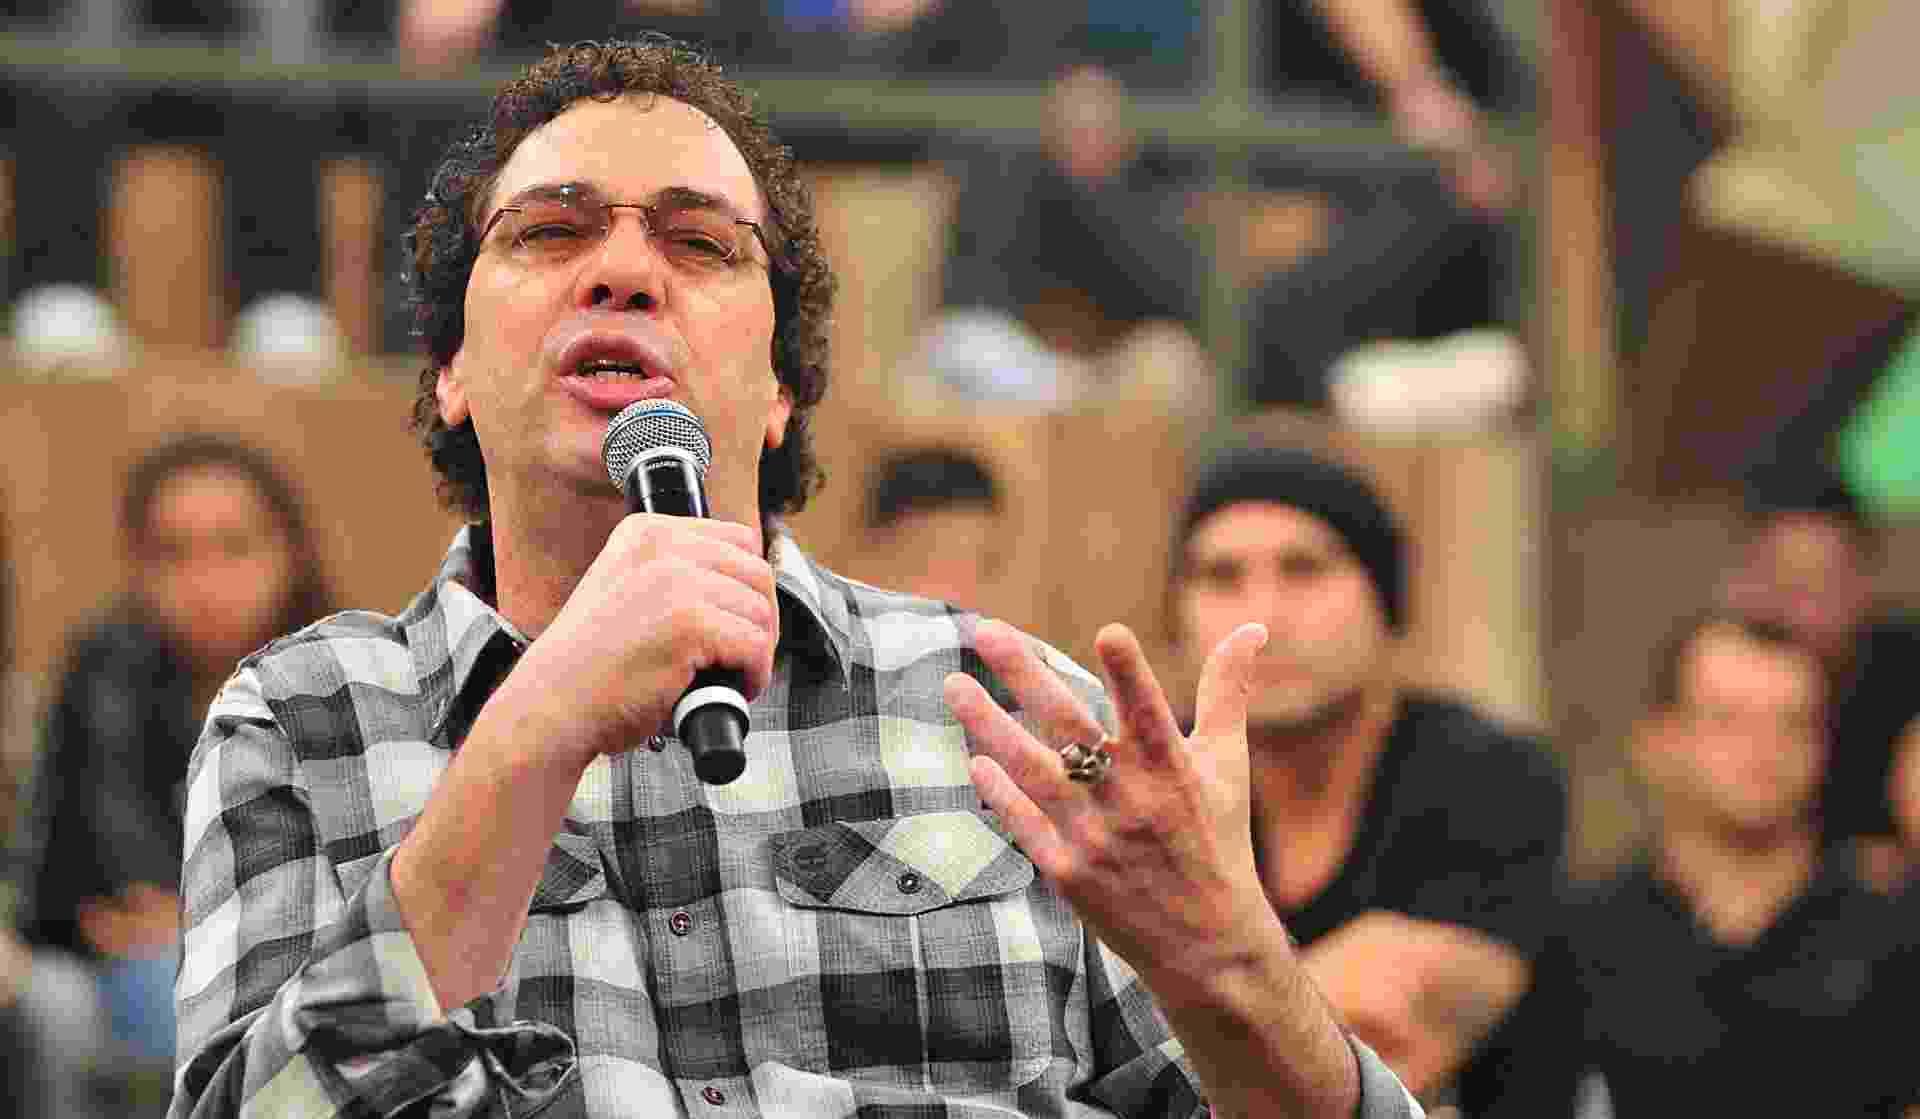 """04.abr.2013 - Comentarista Walter Casagrande Jr. fala sobre o lançamento de sua autobiografia, """"Casagrande e seus demônios"""", durante o programa """"Altas Horas"""", da TV Globo - Reinaldo Marques/TV Globo"""